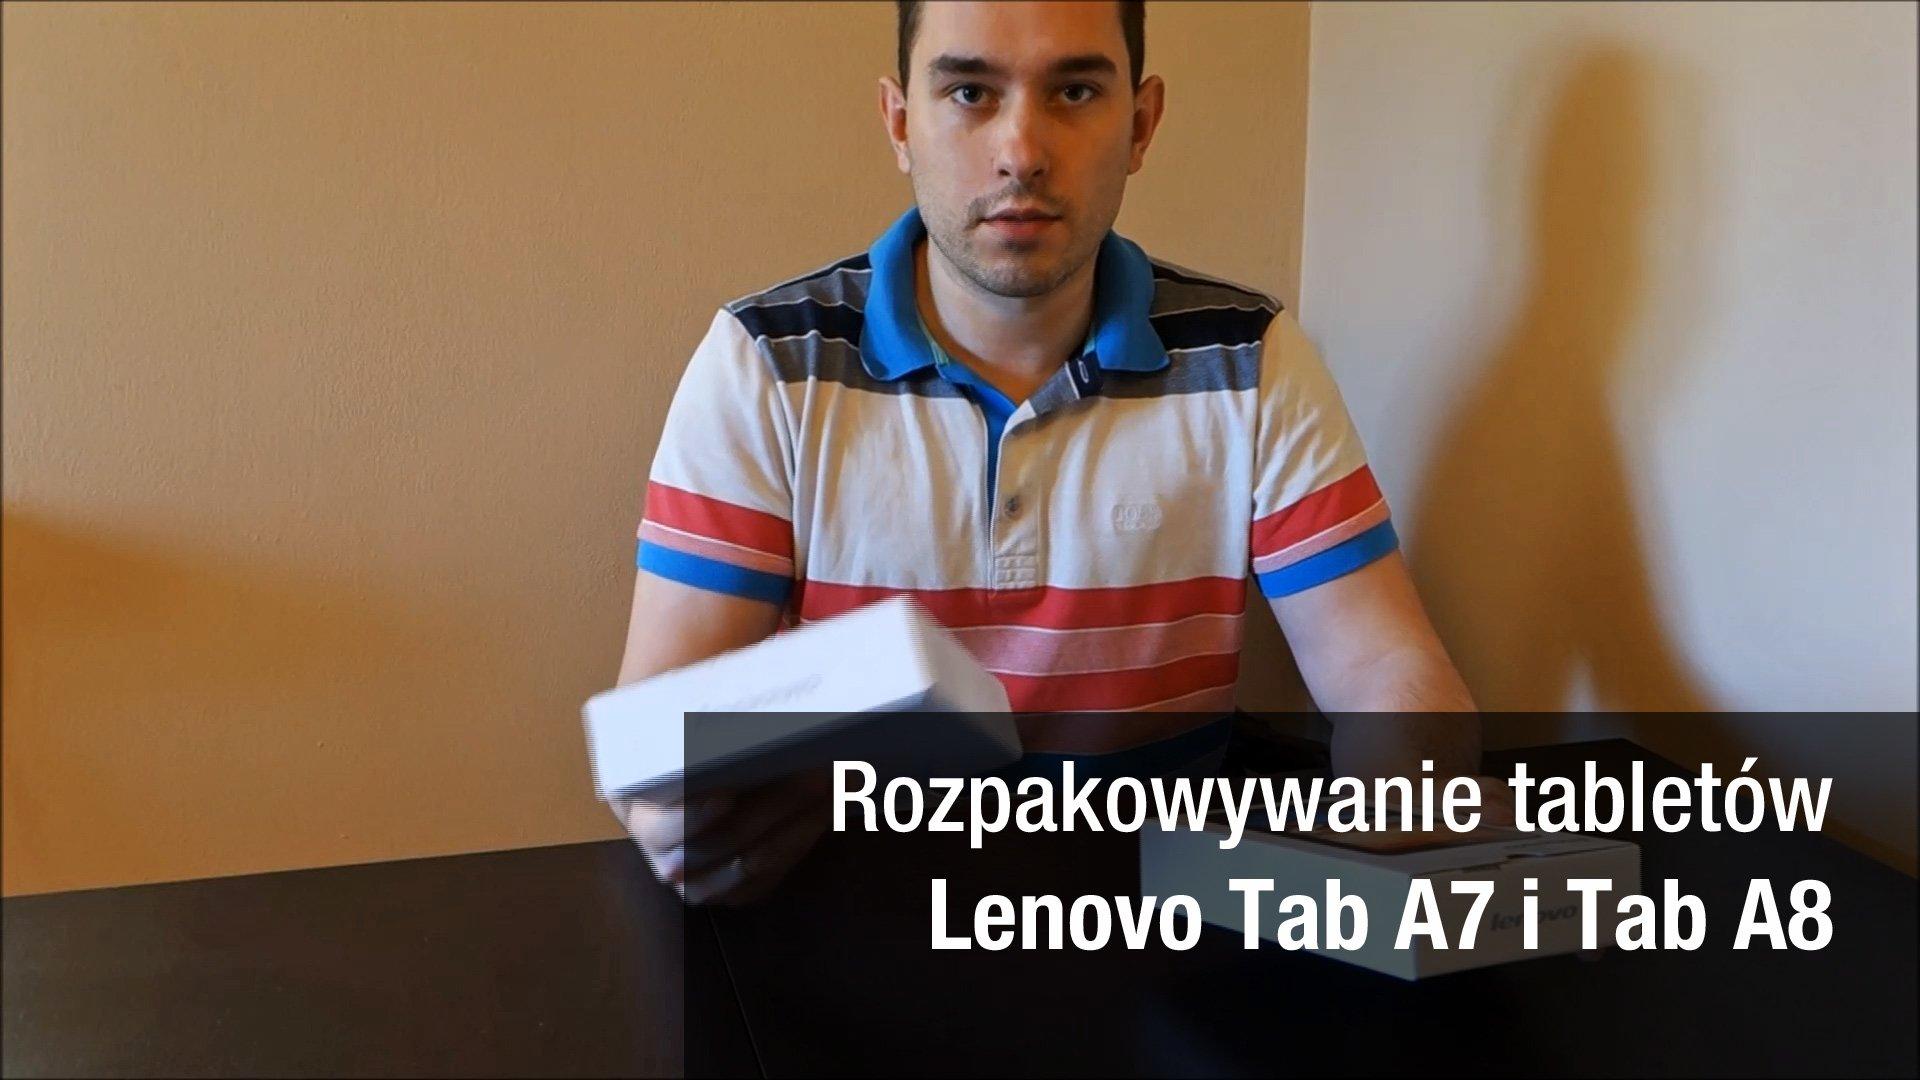 Rozpakowywanie tabletów Lenovo Tab A7 i Tab A8 (wideo)